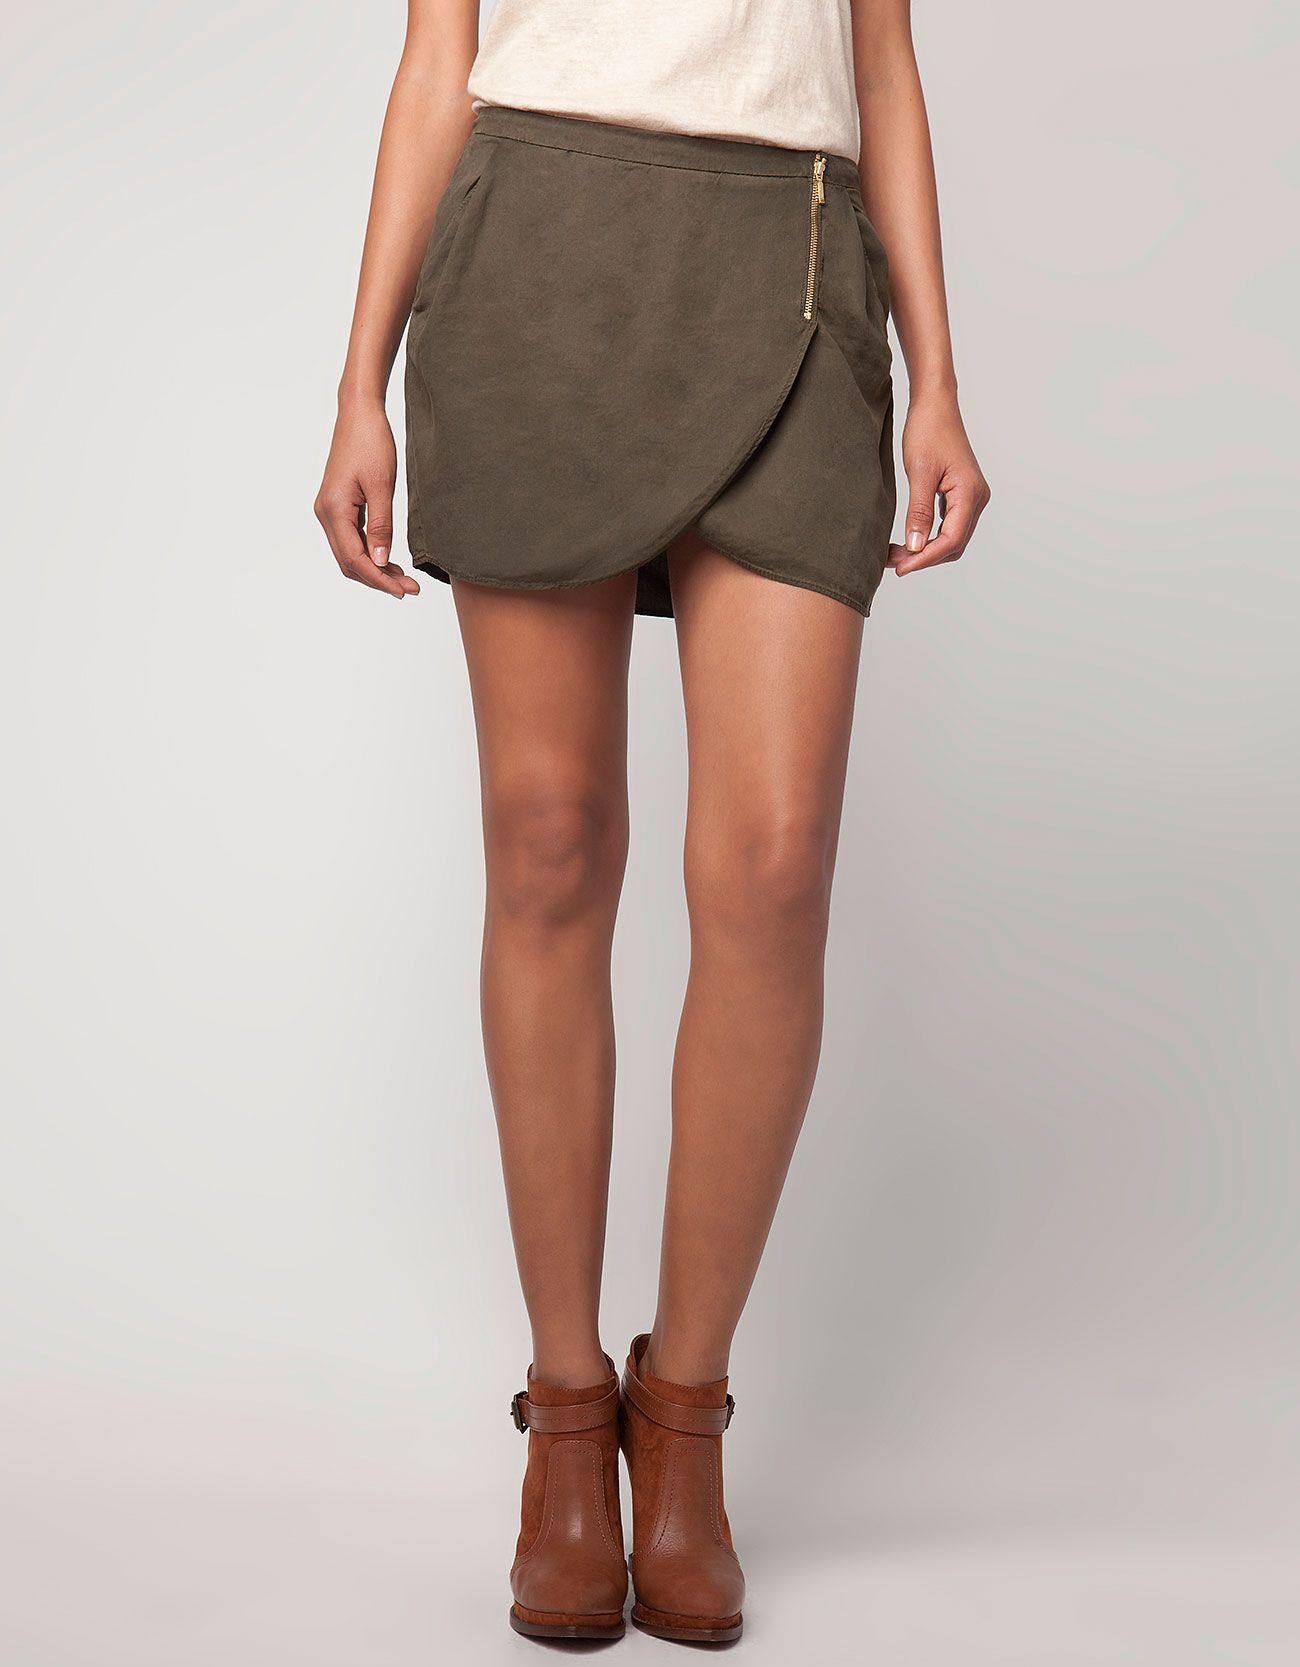 I love this skirt from Bershka